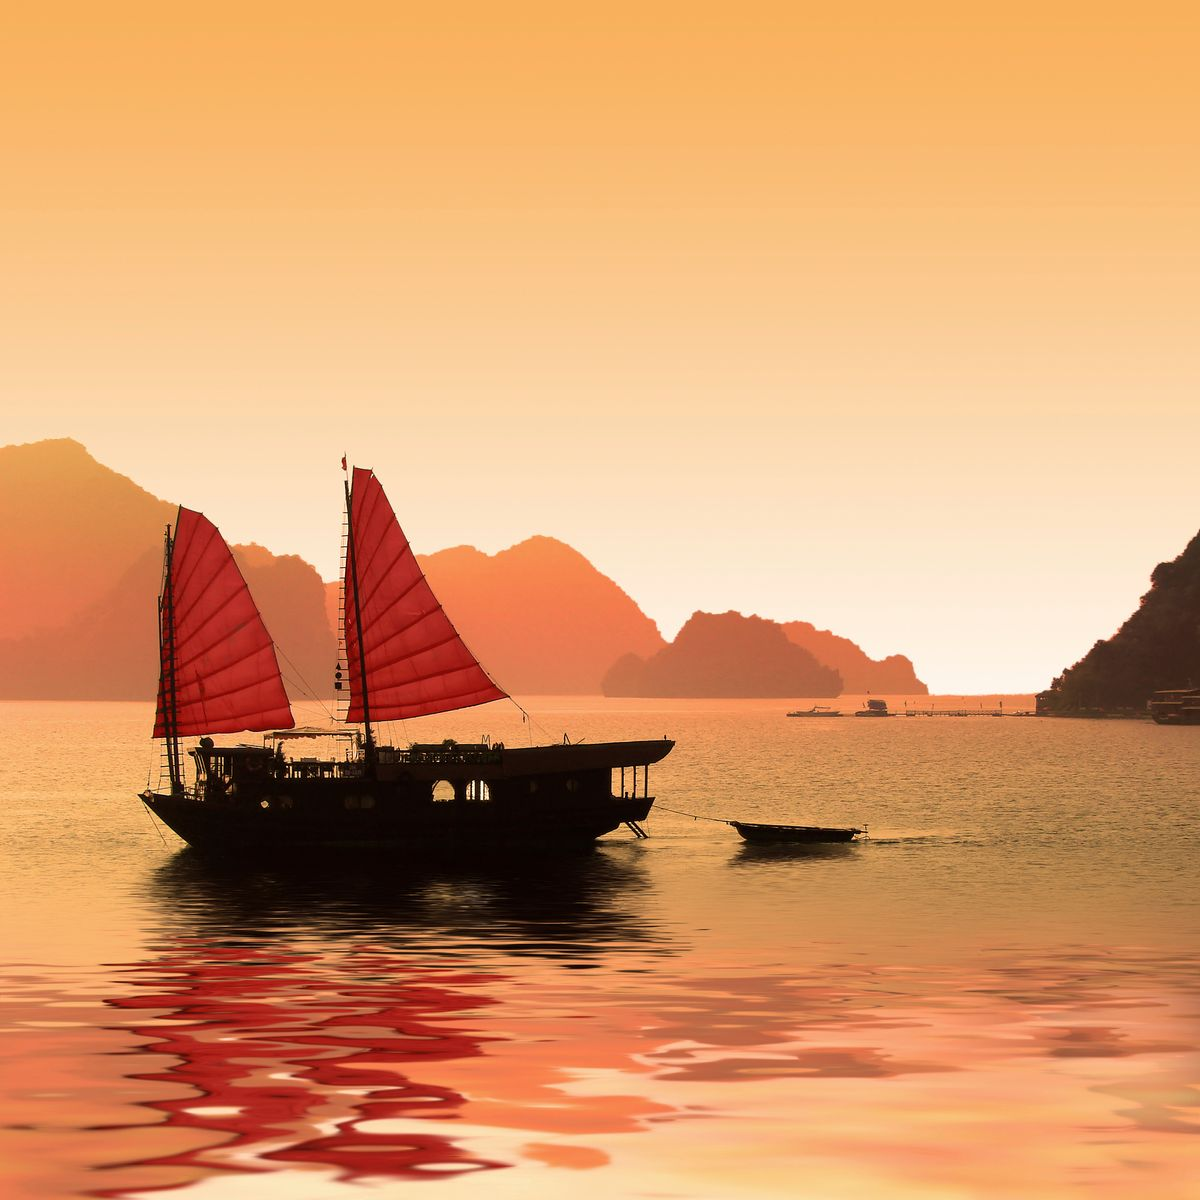 Κρουαζιέρα με παραδοσιακό πλοίο στον Κόλπο Χα Λονγκ